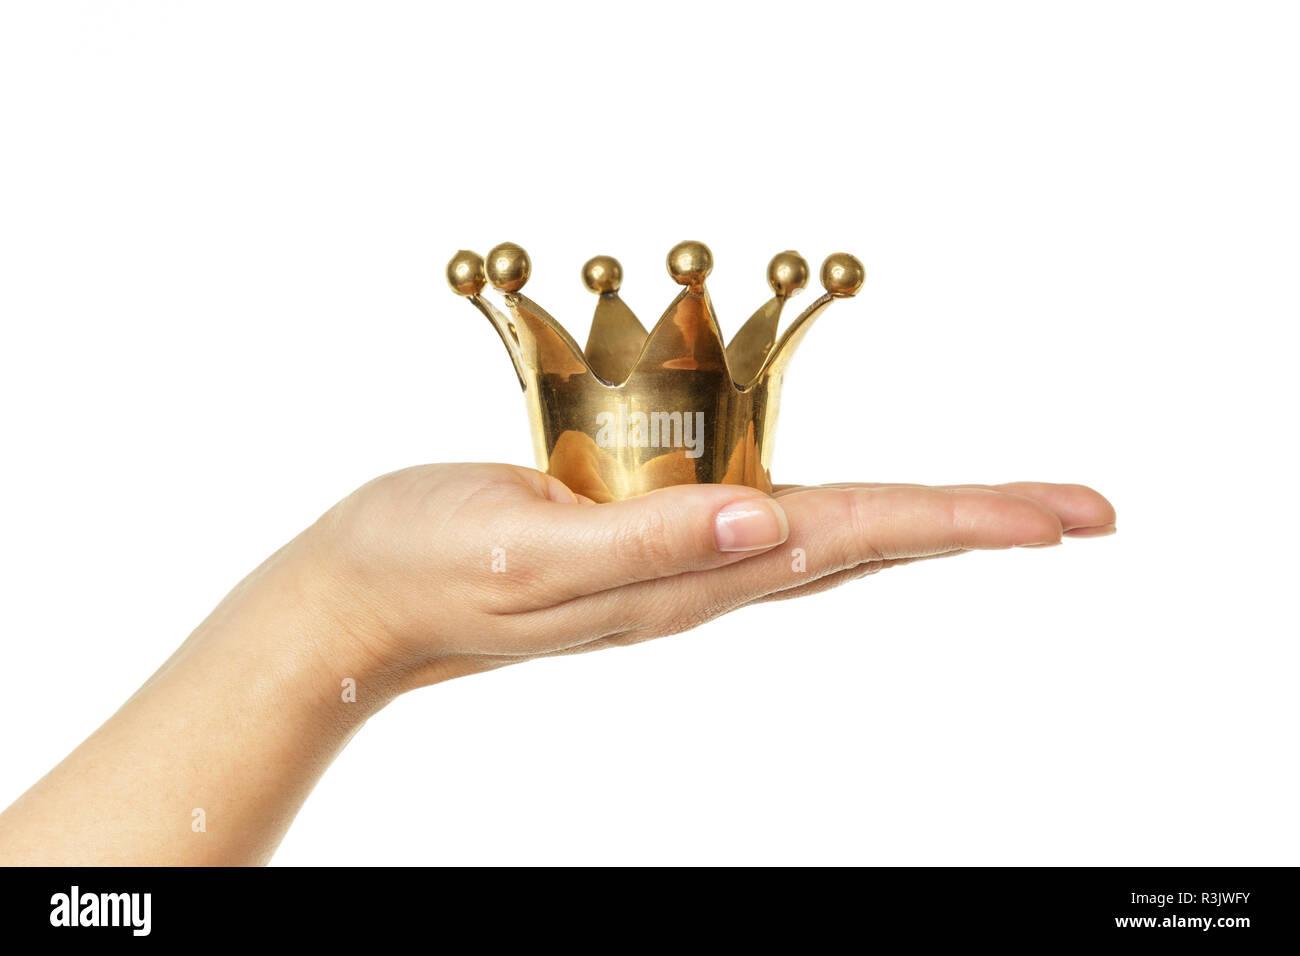 Femme hand holding golden crown isolé sur fond blanc. Concept pour le succès. Photo Stock